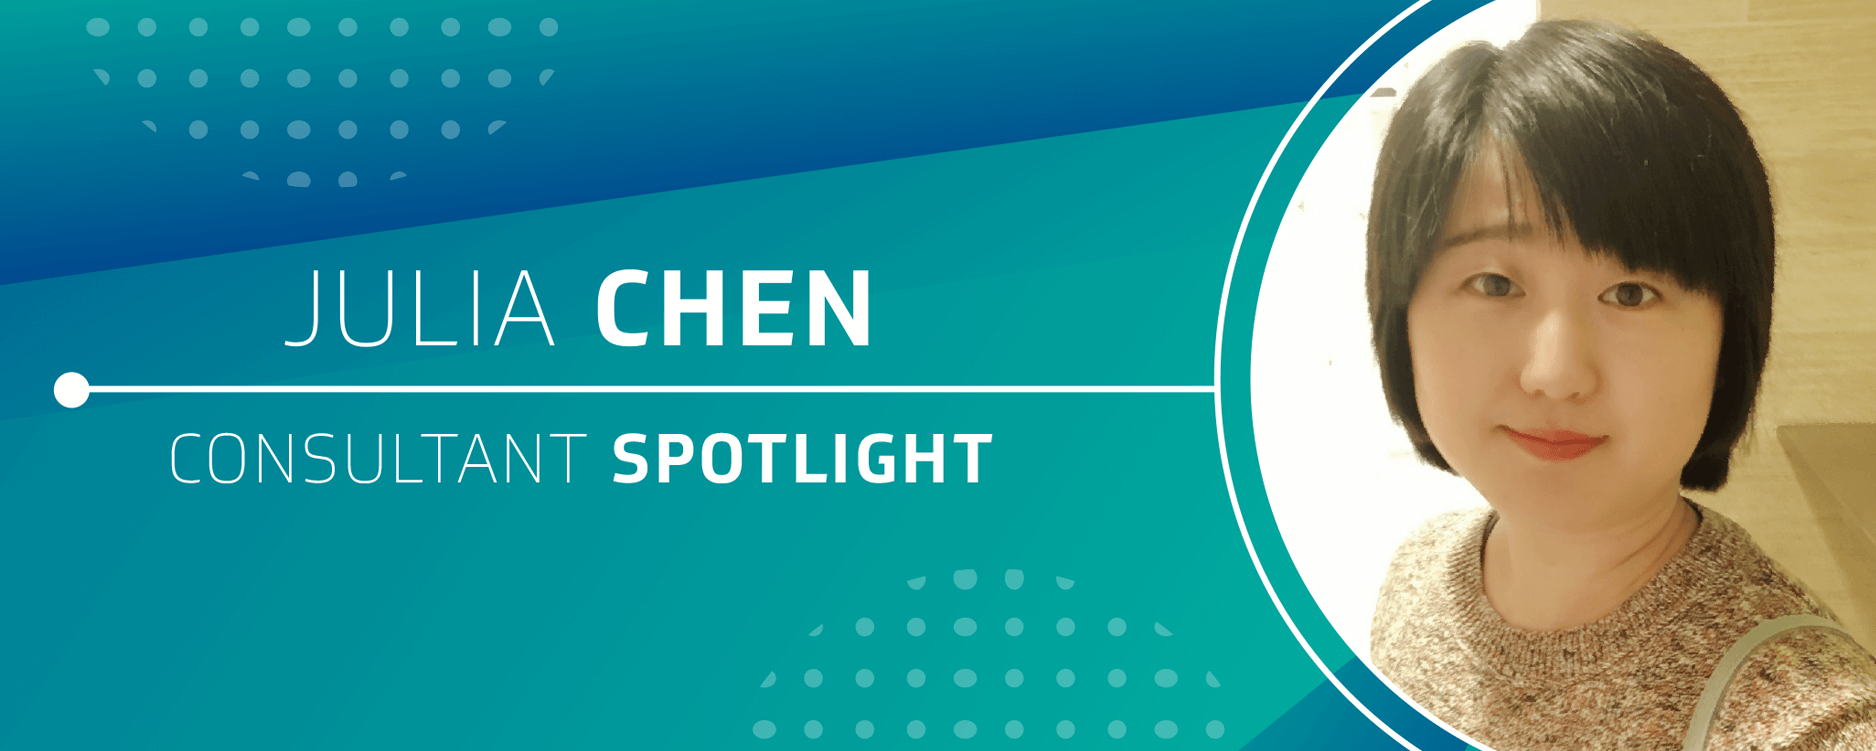 Consultant Spotlight: Julia Chen